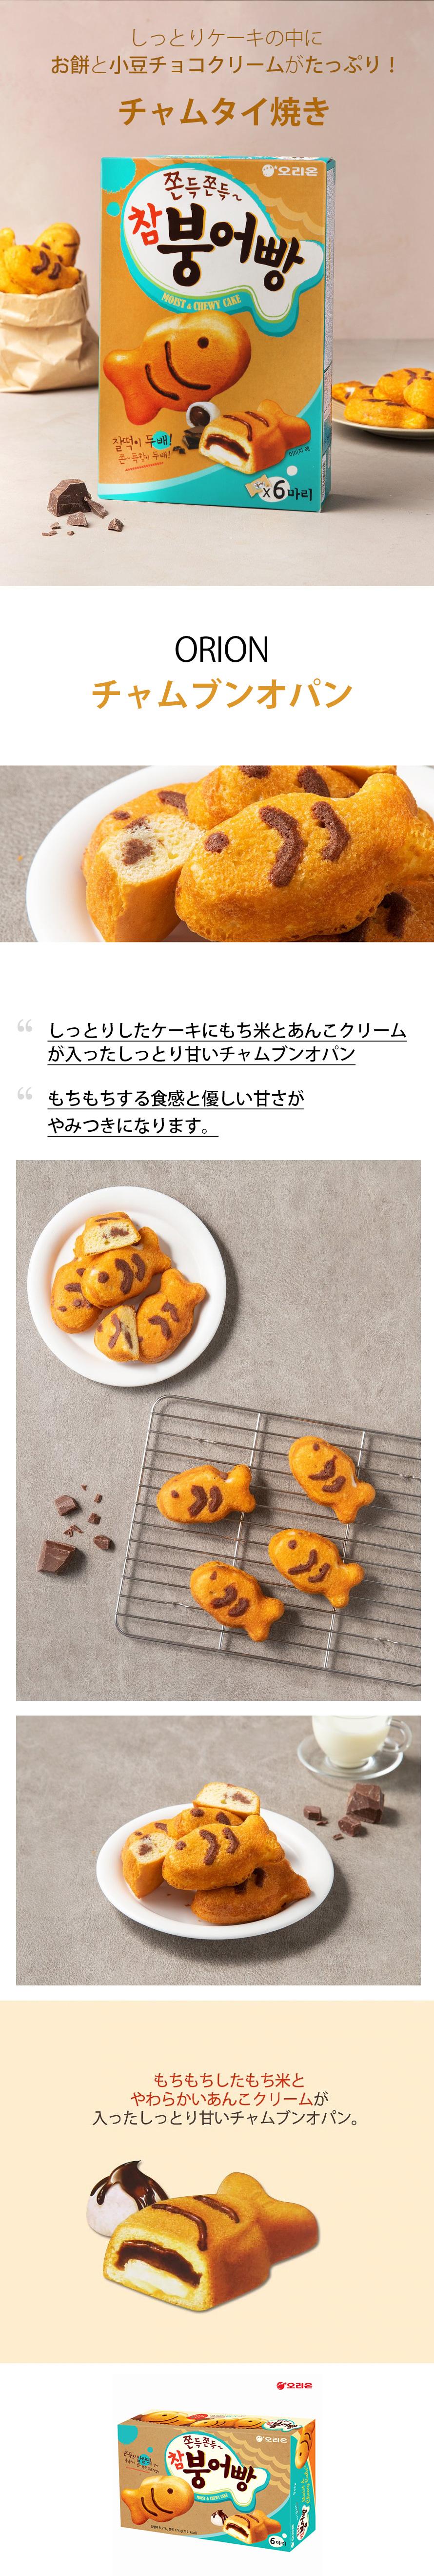 [オリオン] チャムブンオパン(タイ焼き)(6個入り)